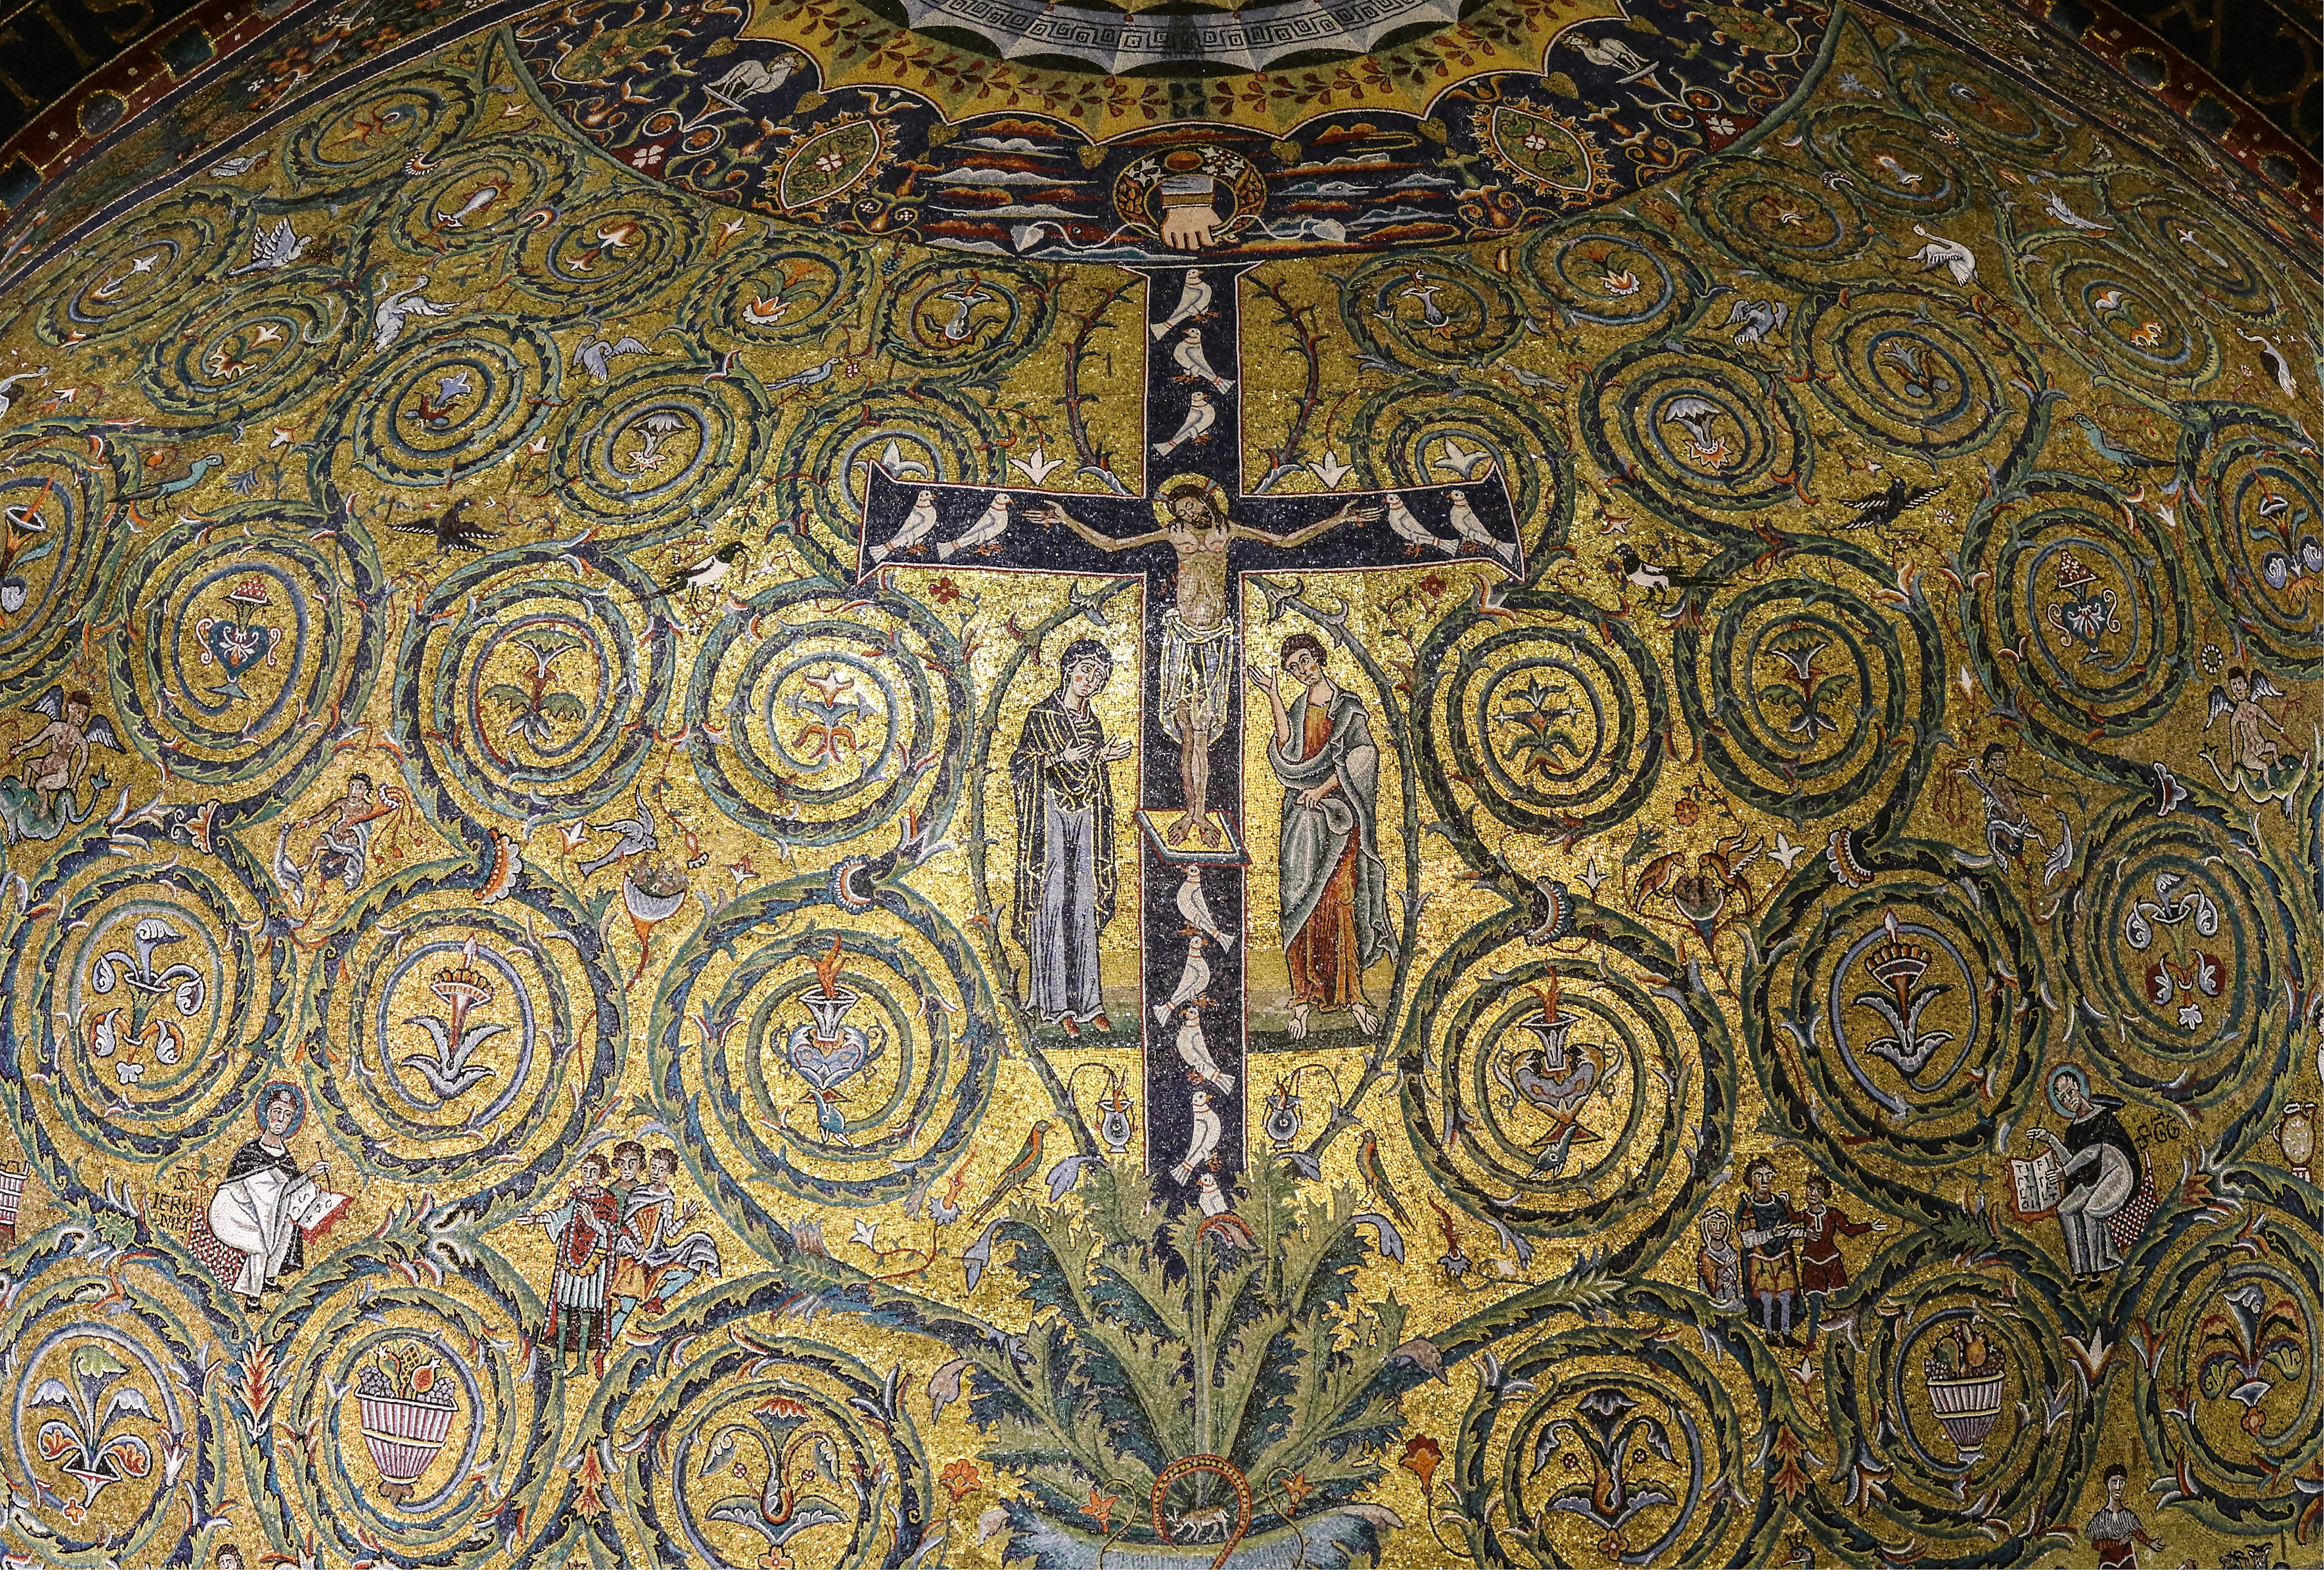 Jesus Cristo, mosaico da década de 1130 adorna a abside da Basílica de São Clemente em Roma